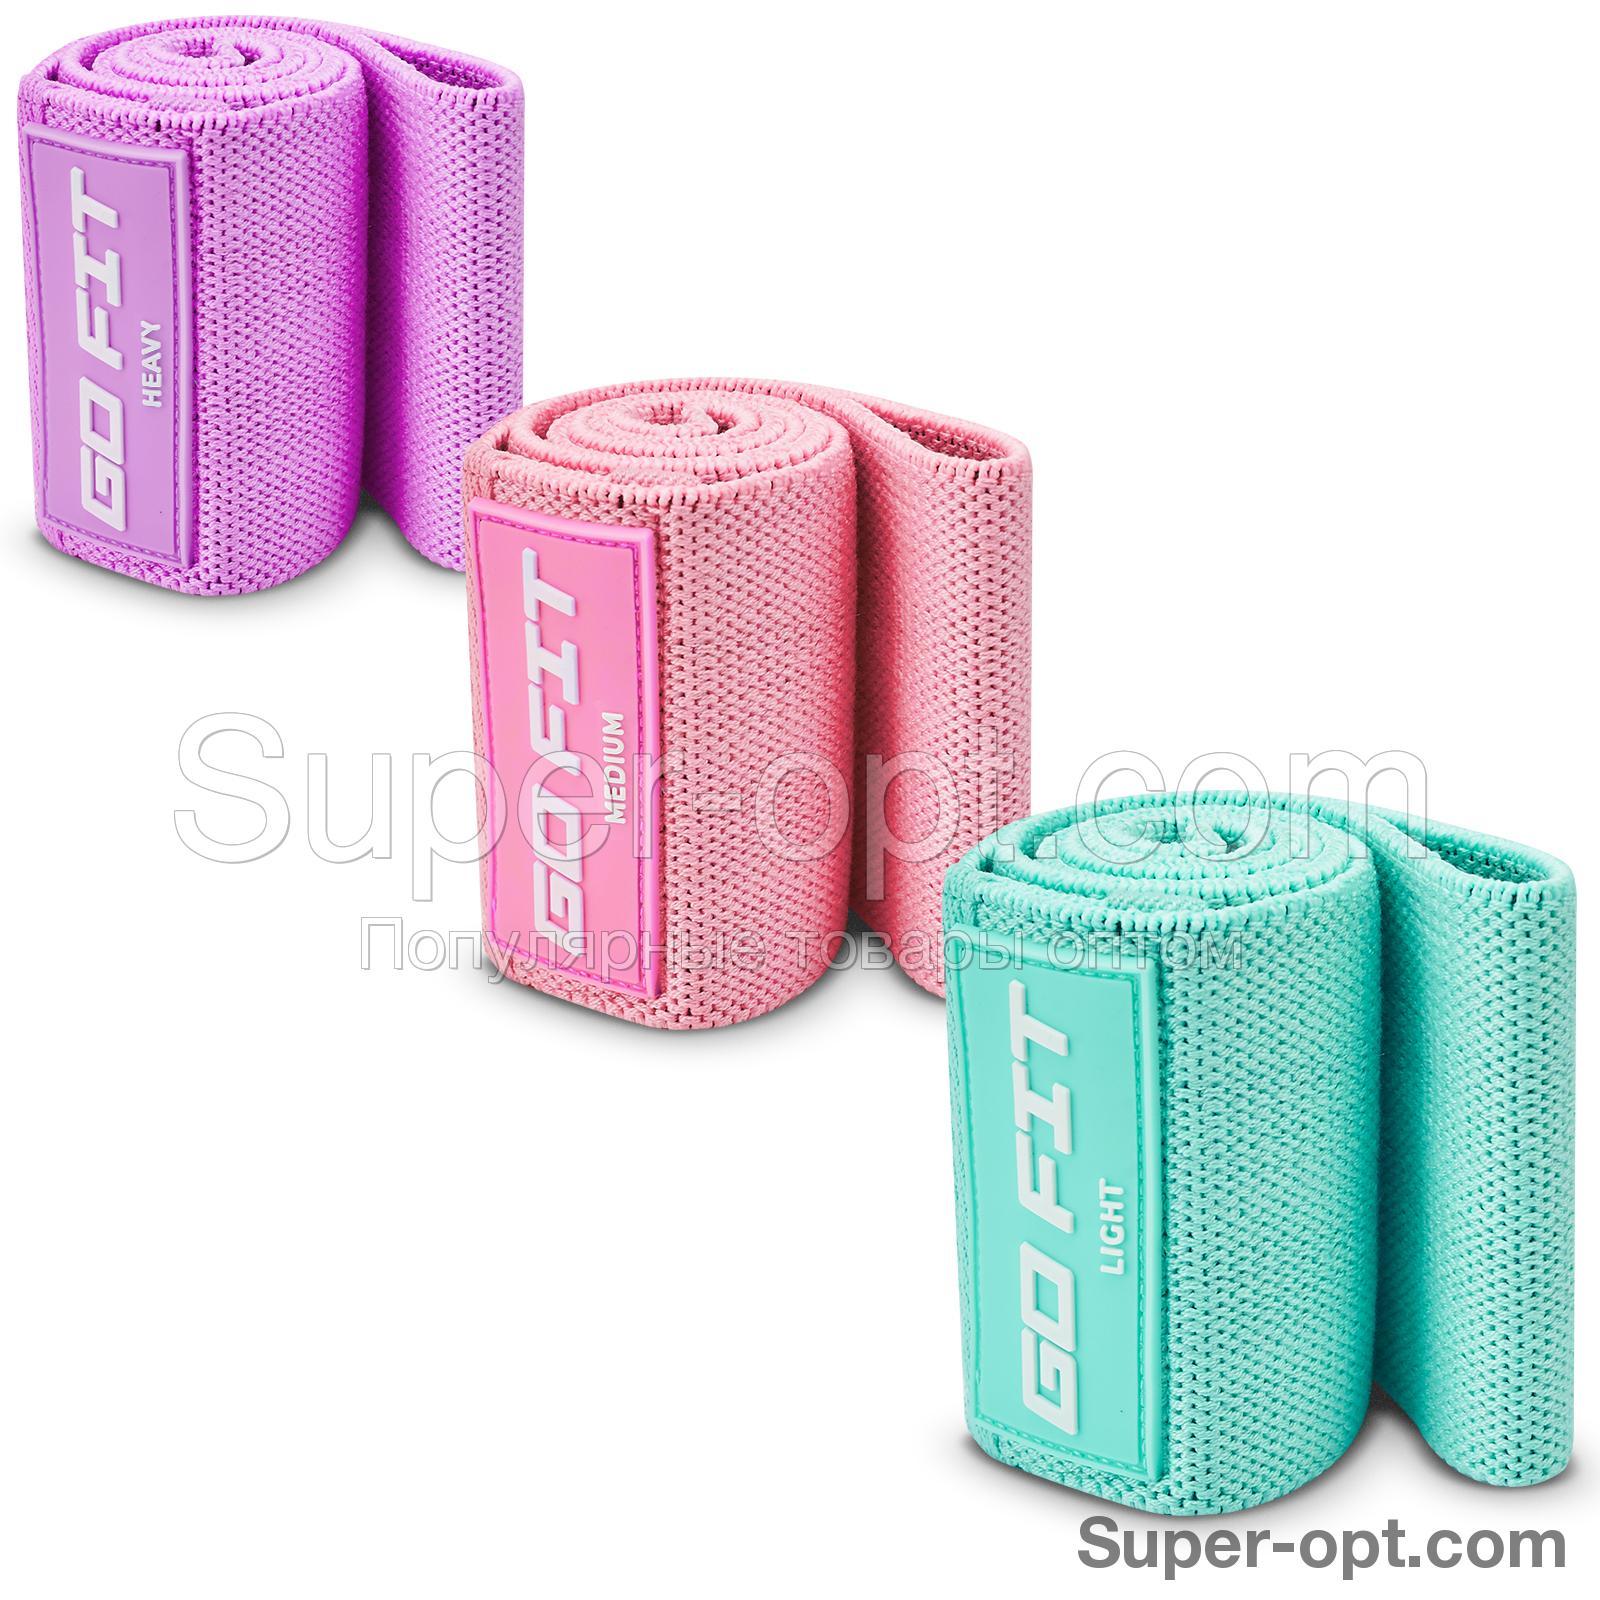 Тканевые фитнес-резинки GO FIT, набор из 3 штук с мешочком для хранения и программой тренировок оптом